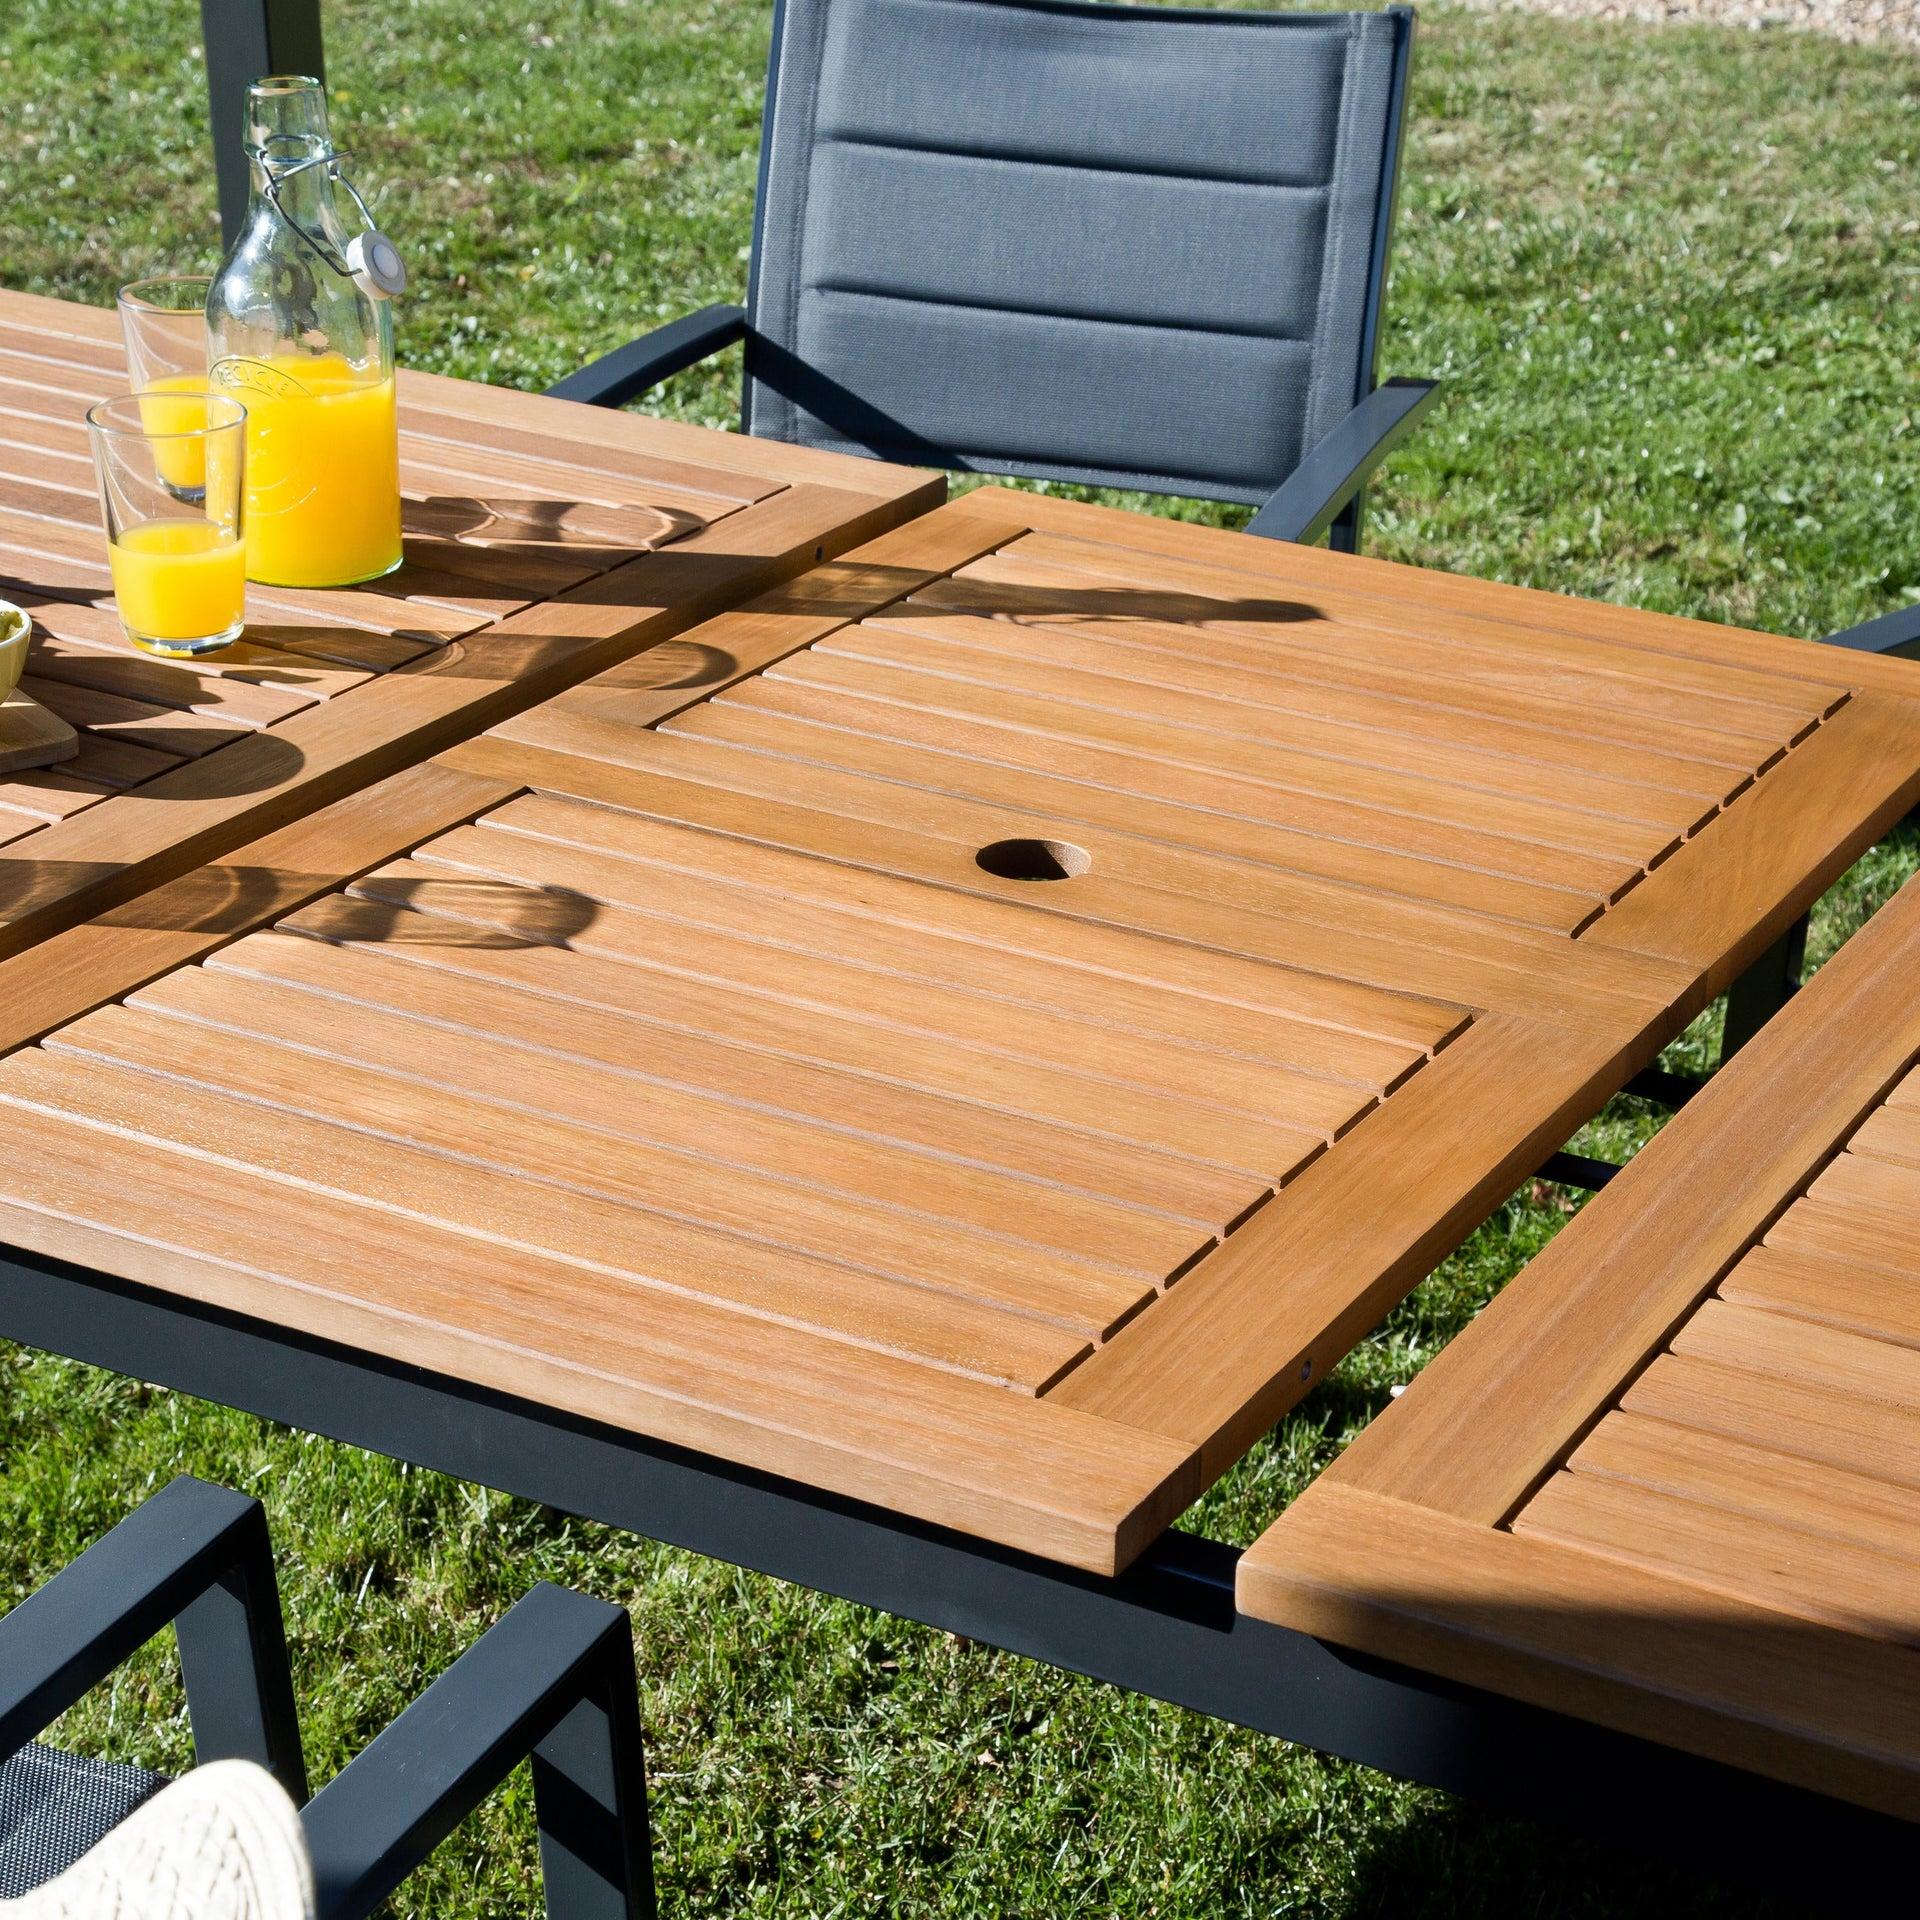 Tavolo da giardino allungabile rettangolare Oris NATERIAL con piano in legno L 180/240 x P 98.9 cm - 20